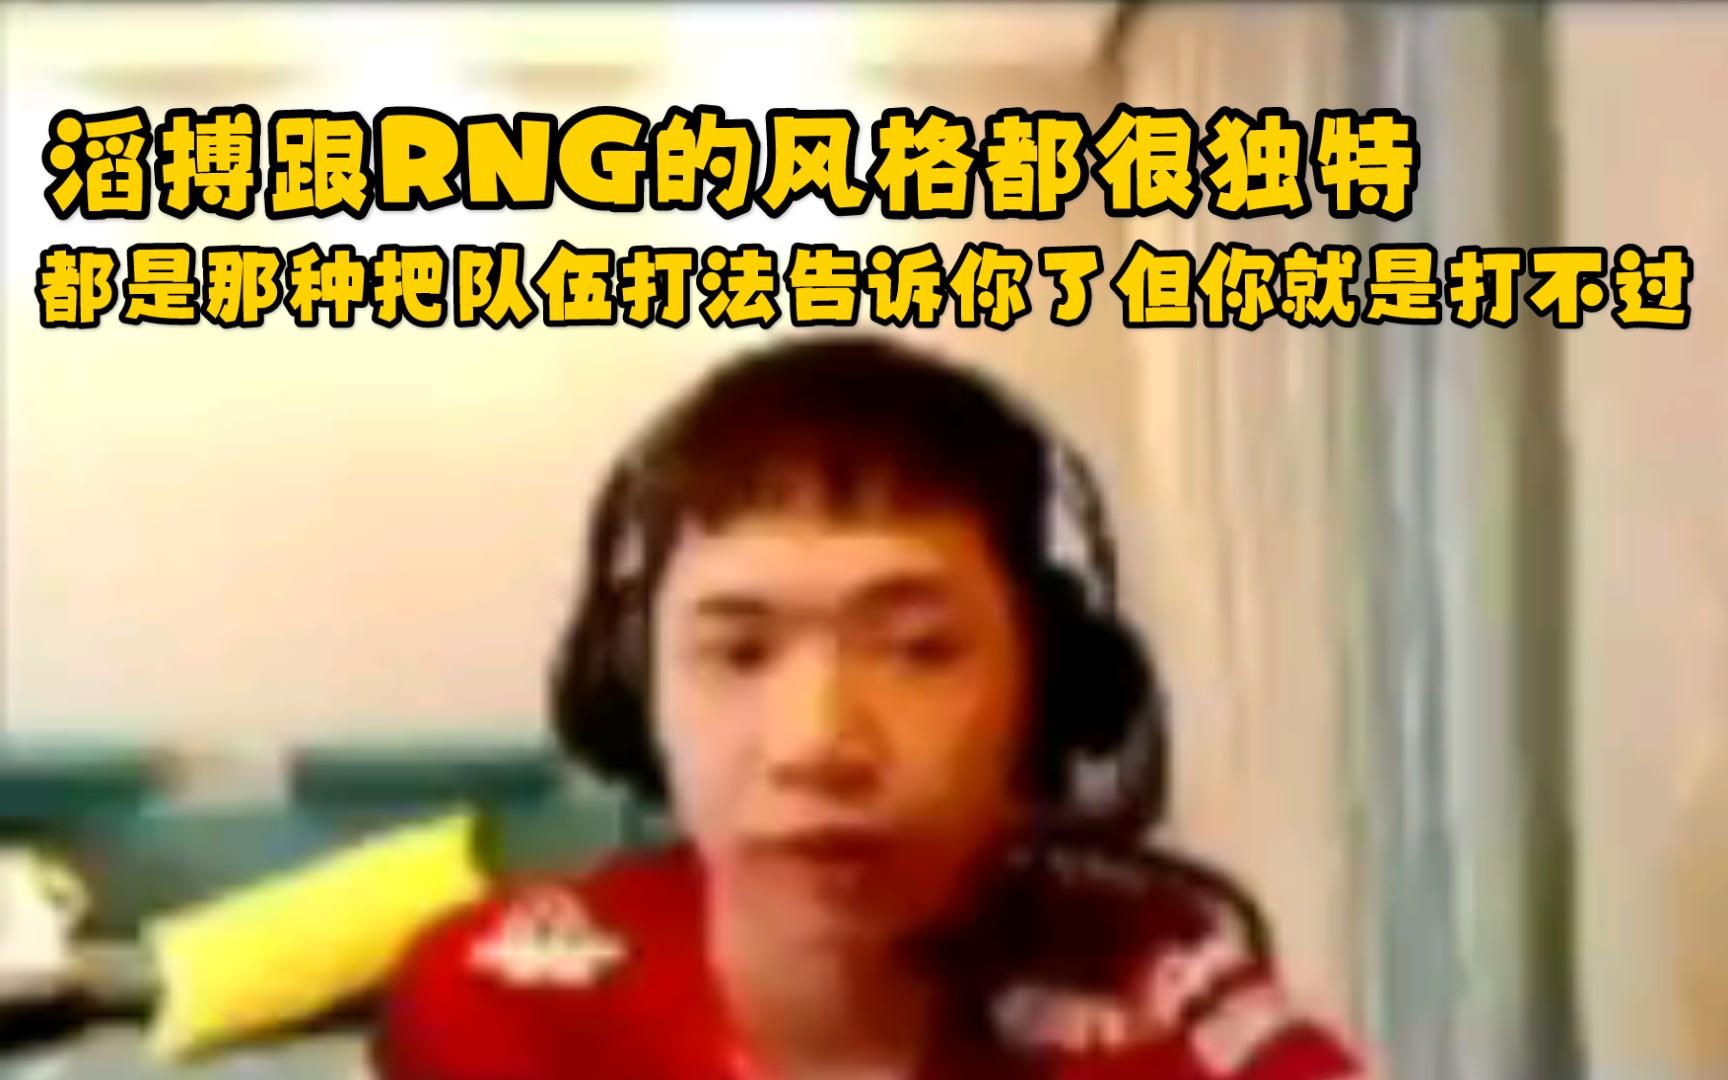 马老师:滔搏跟RNG的风格很独特,都是那种把队伍打法告诉你了但你就是打不过,那也没办法啊